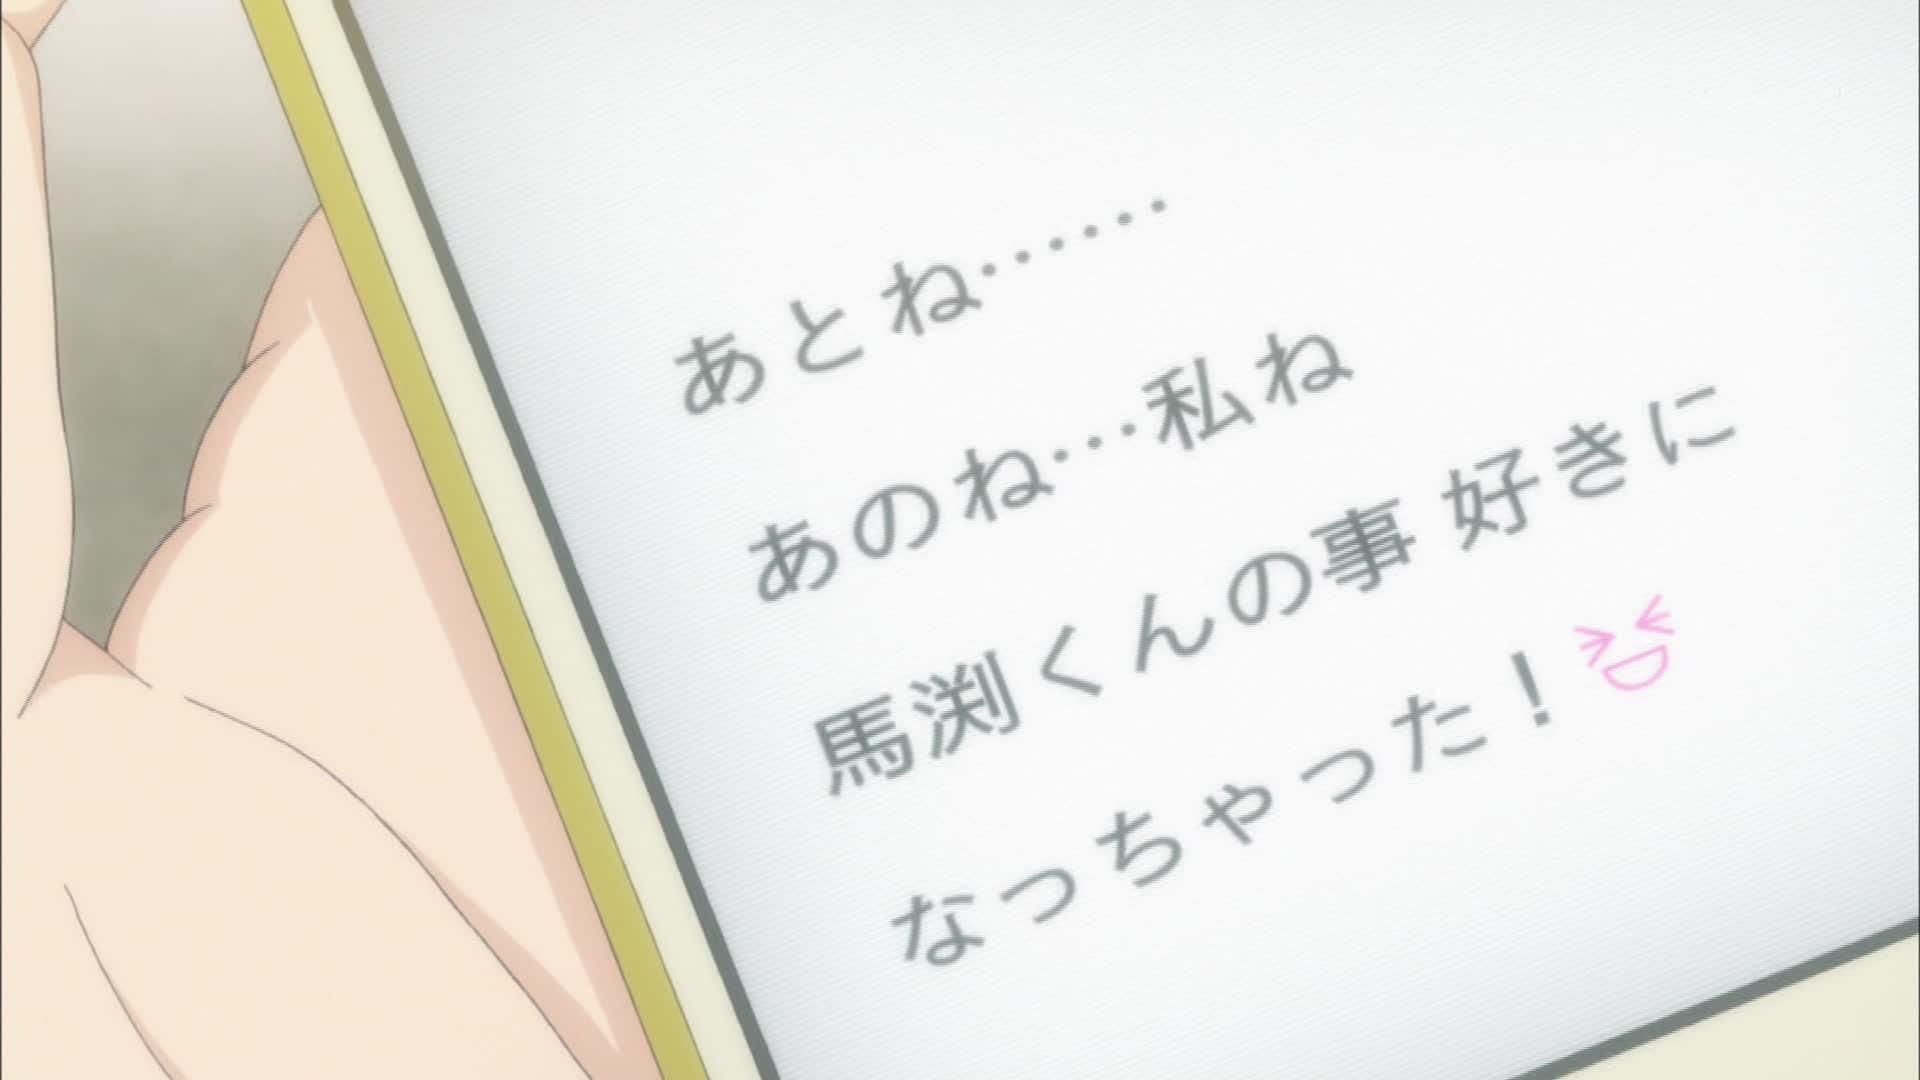 aoha-anime05-007